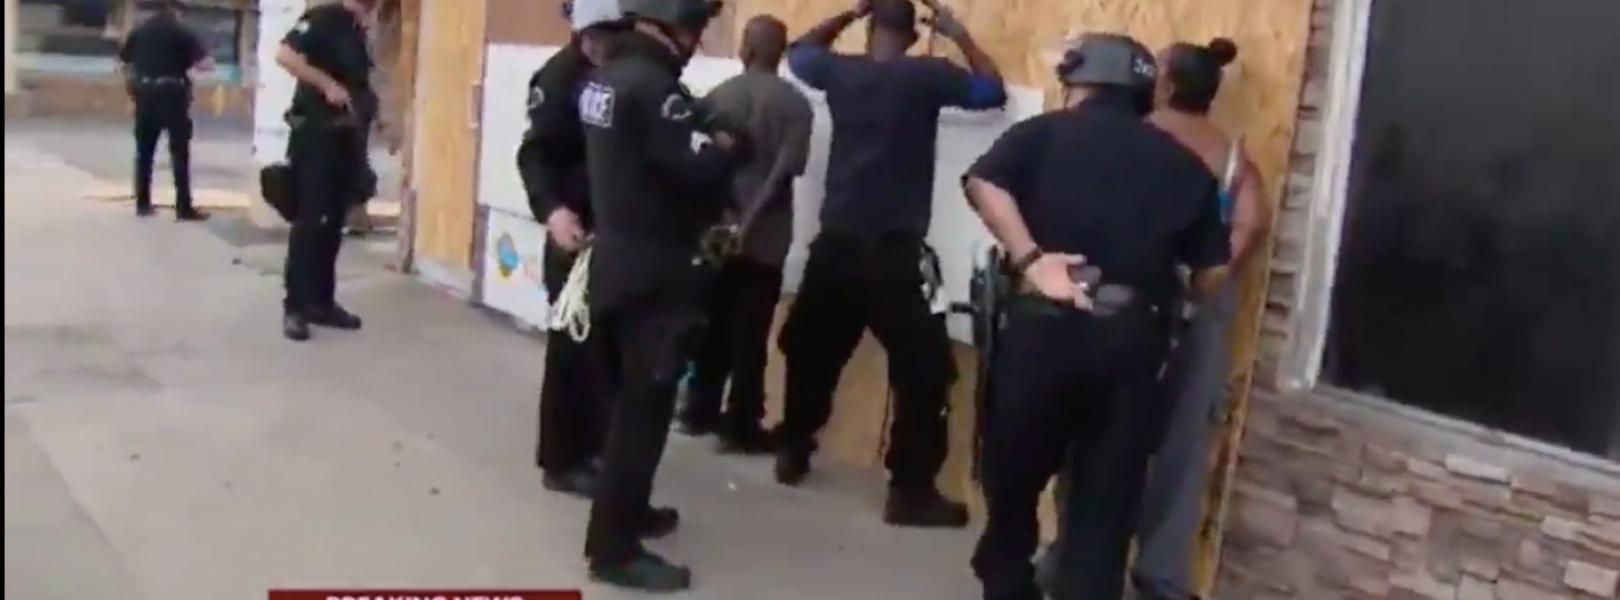 Police arrest family in Van Nuys